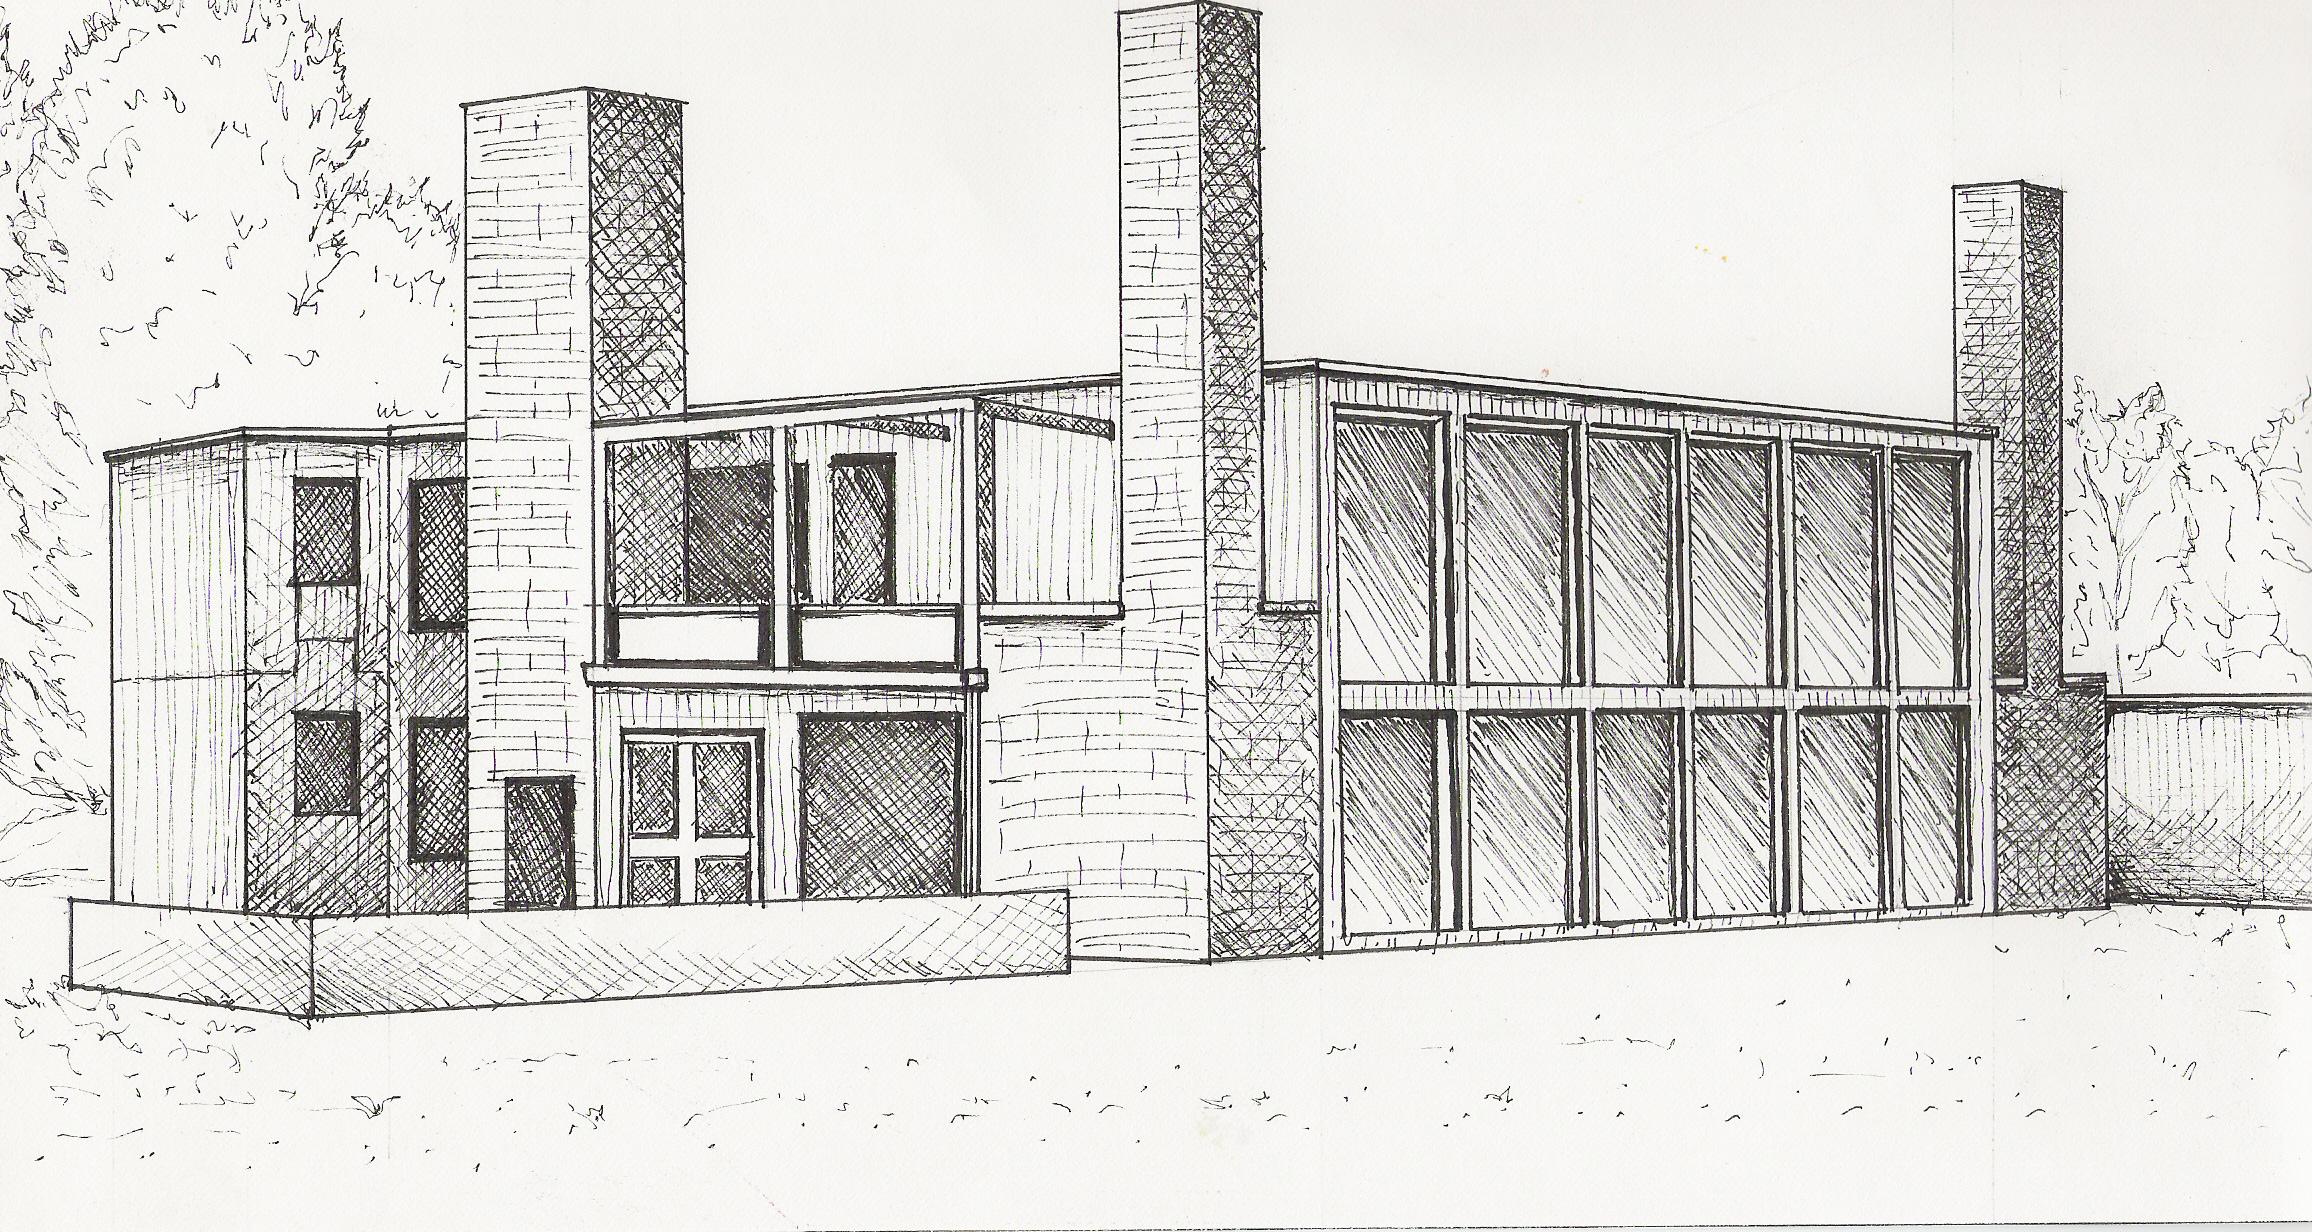 Louis Kahn's Kalman House